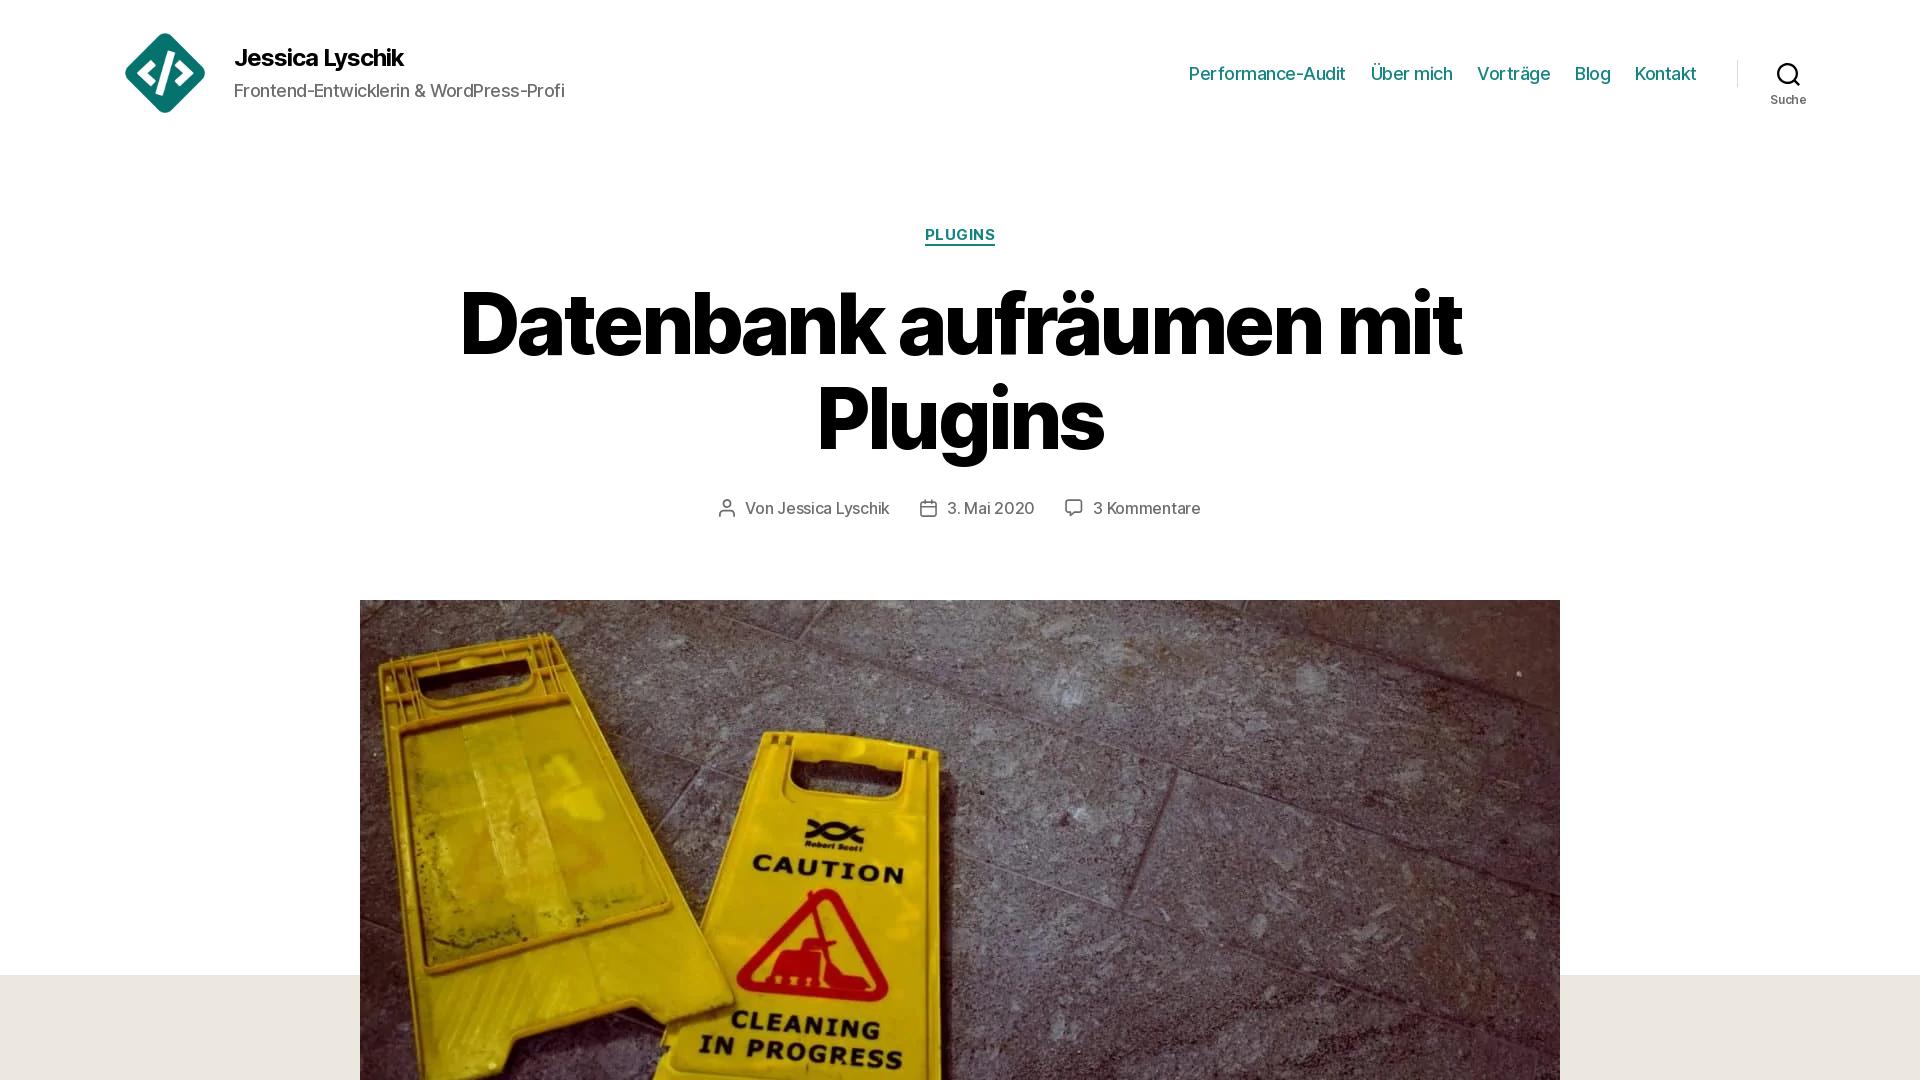 https://jessicalyschik.de/datenbank-aufraeumen-mit-plugins/